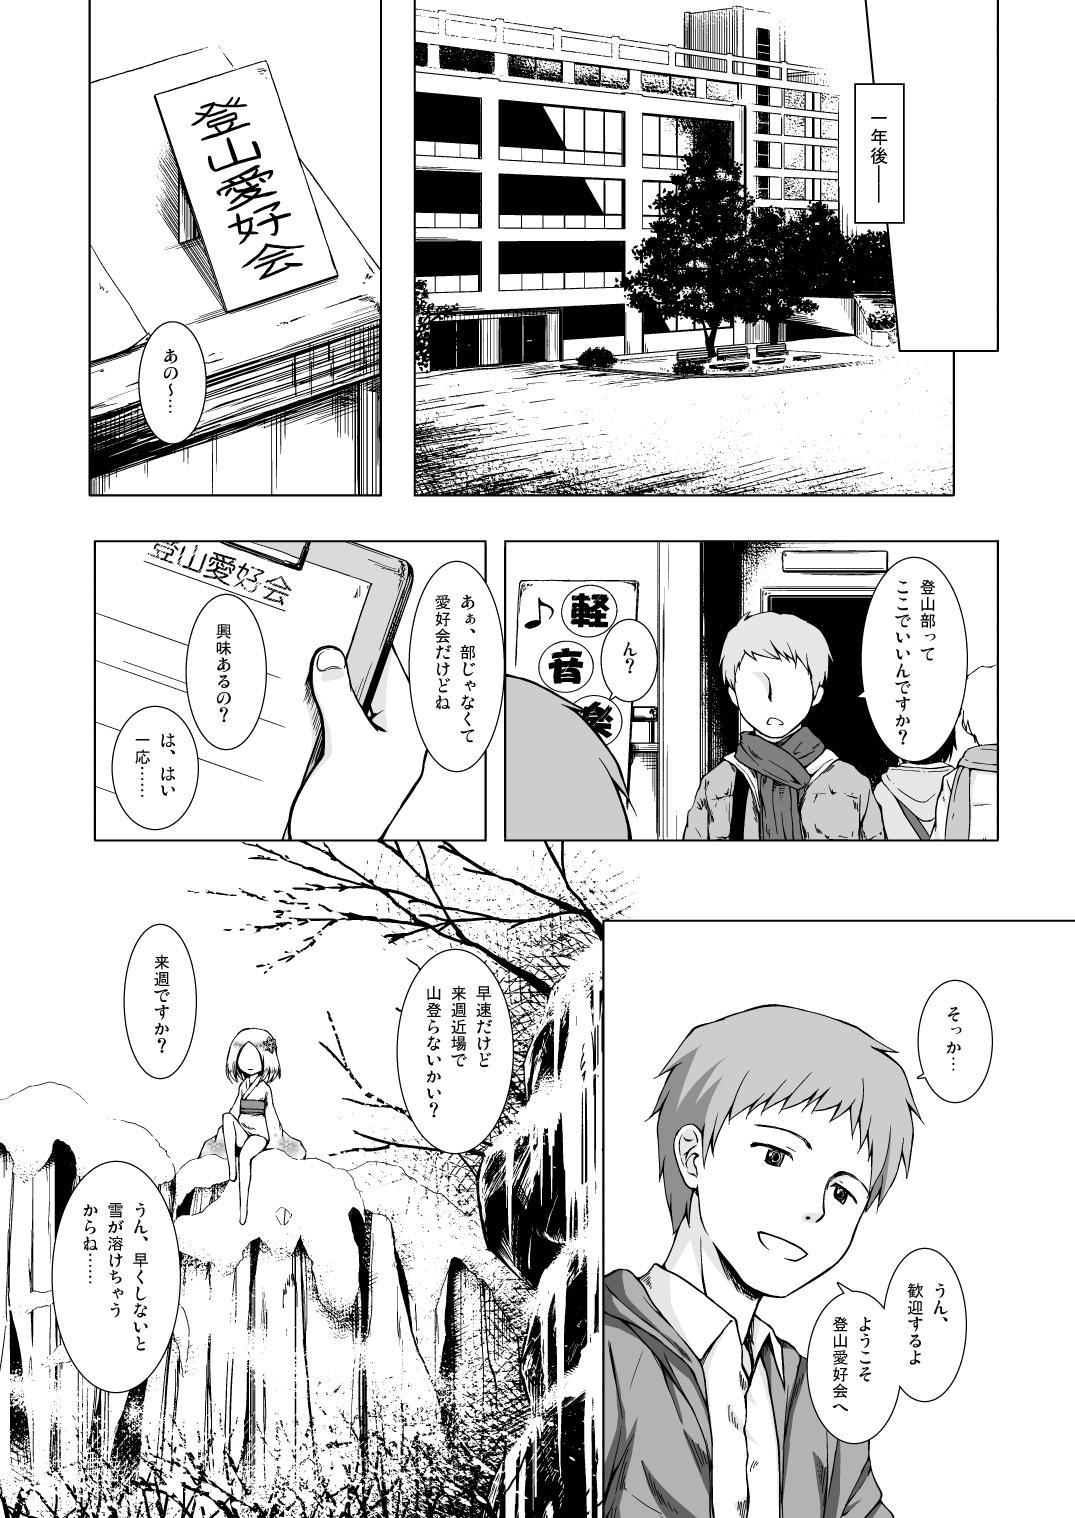 Monokemono Hachi-ya 21